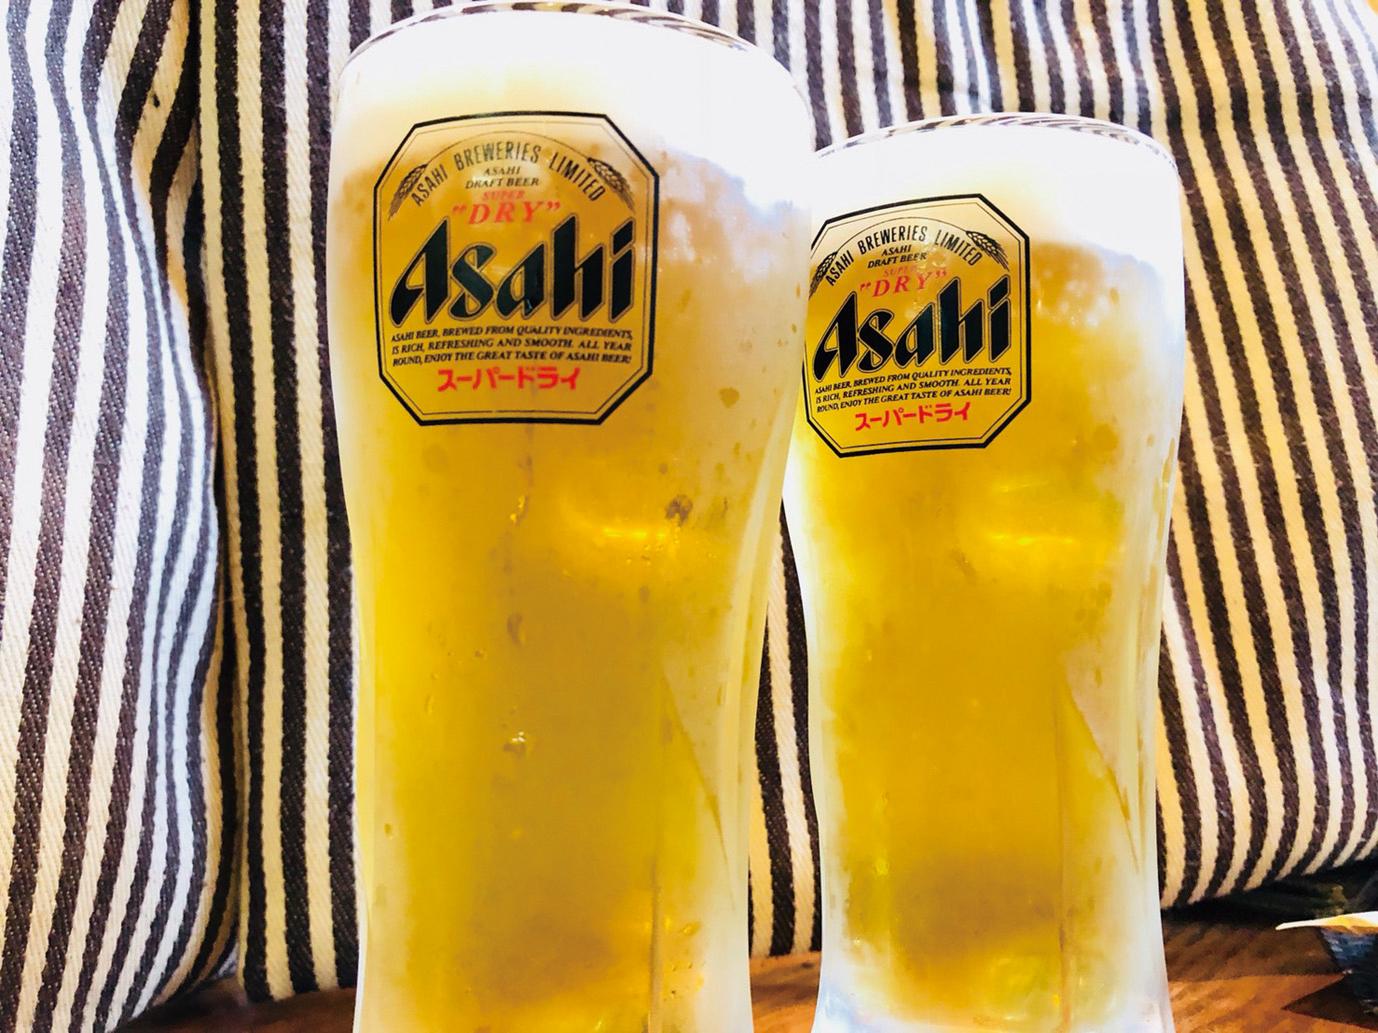 期間中、ビールがなんと¥100 ( ´゚Д゚`)ンマッ!!|骨付き鳥・海鮮料理 四季